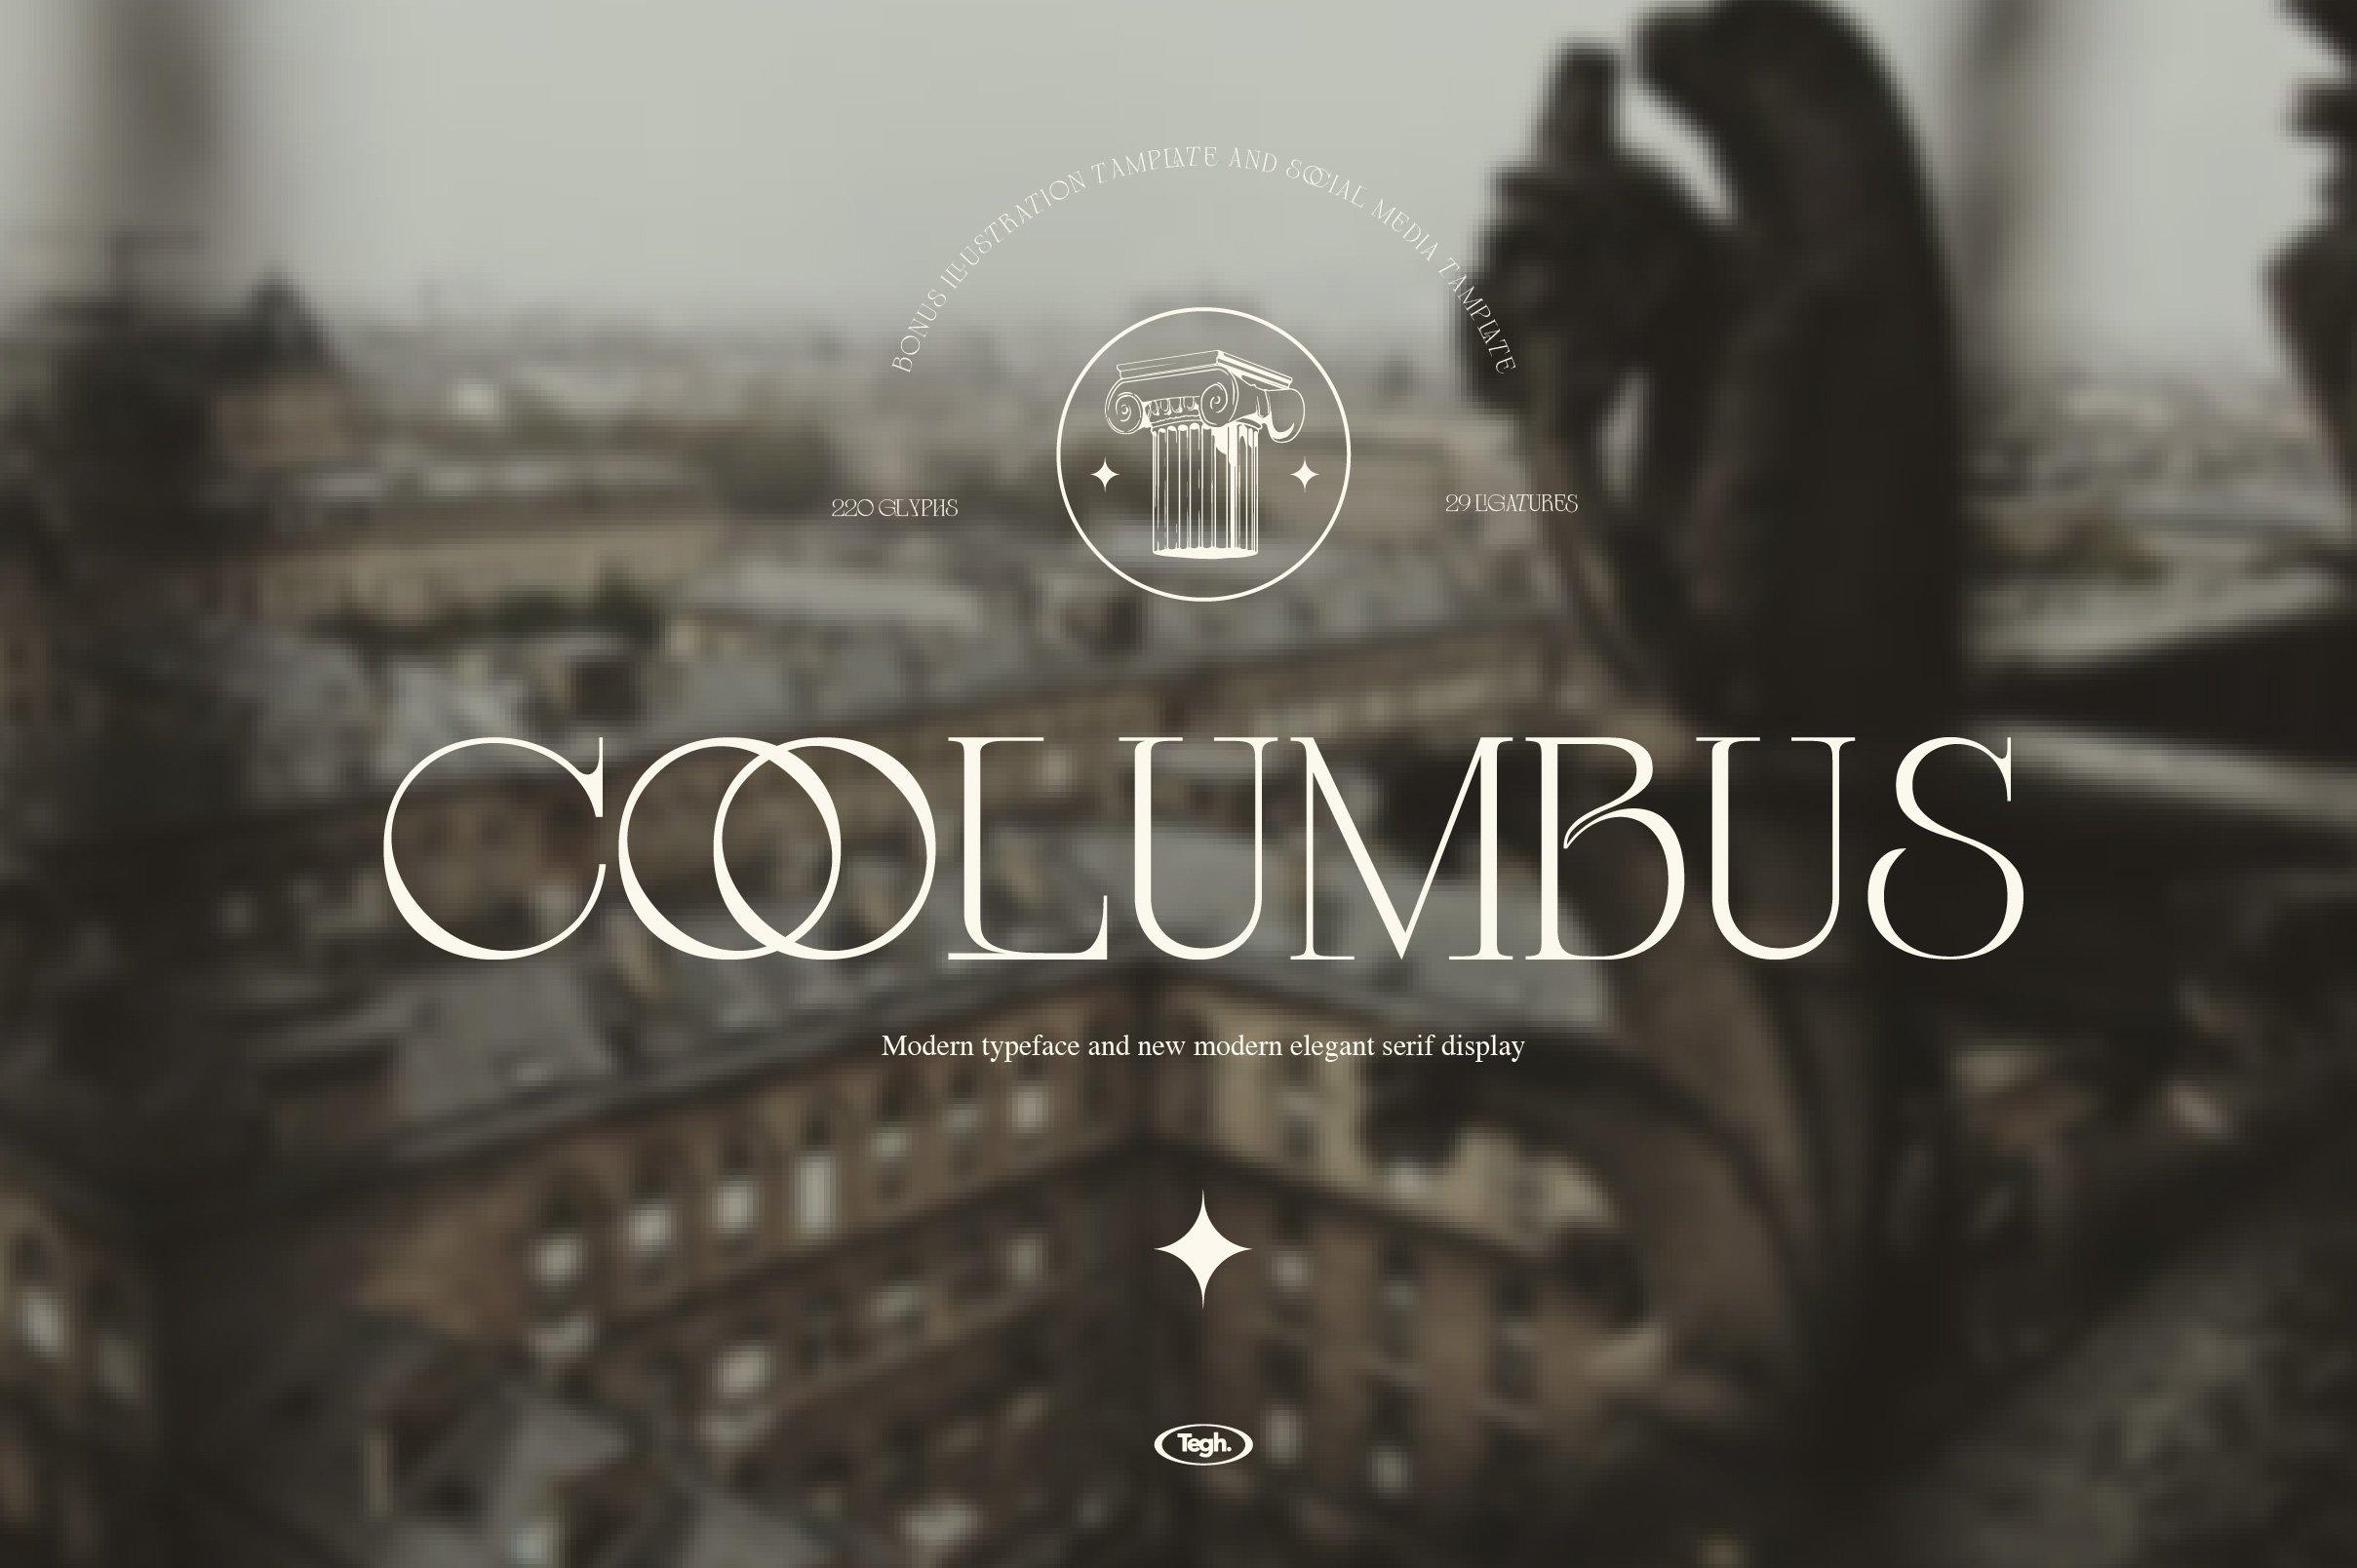 优雅复古杂志海报标题徽标Logo设计衬线英文字体素材 Coolumbus Modern Serif Font插图4